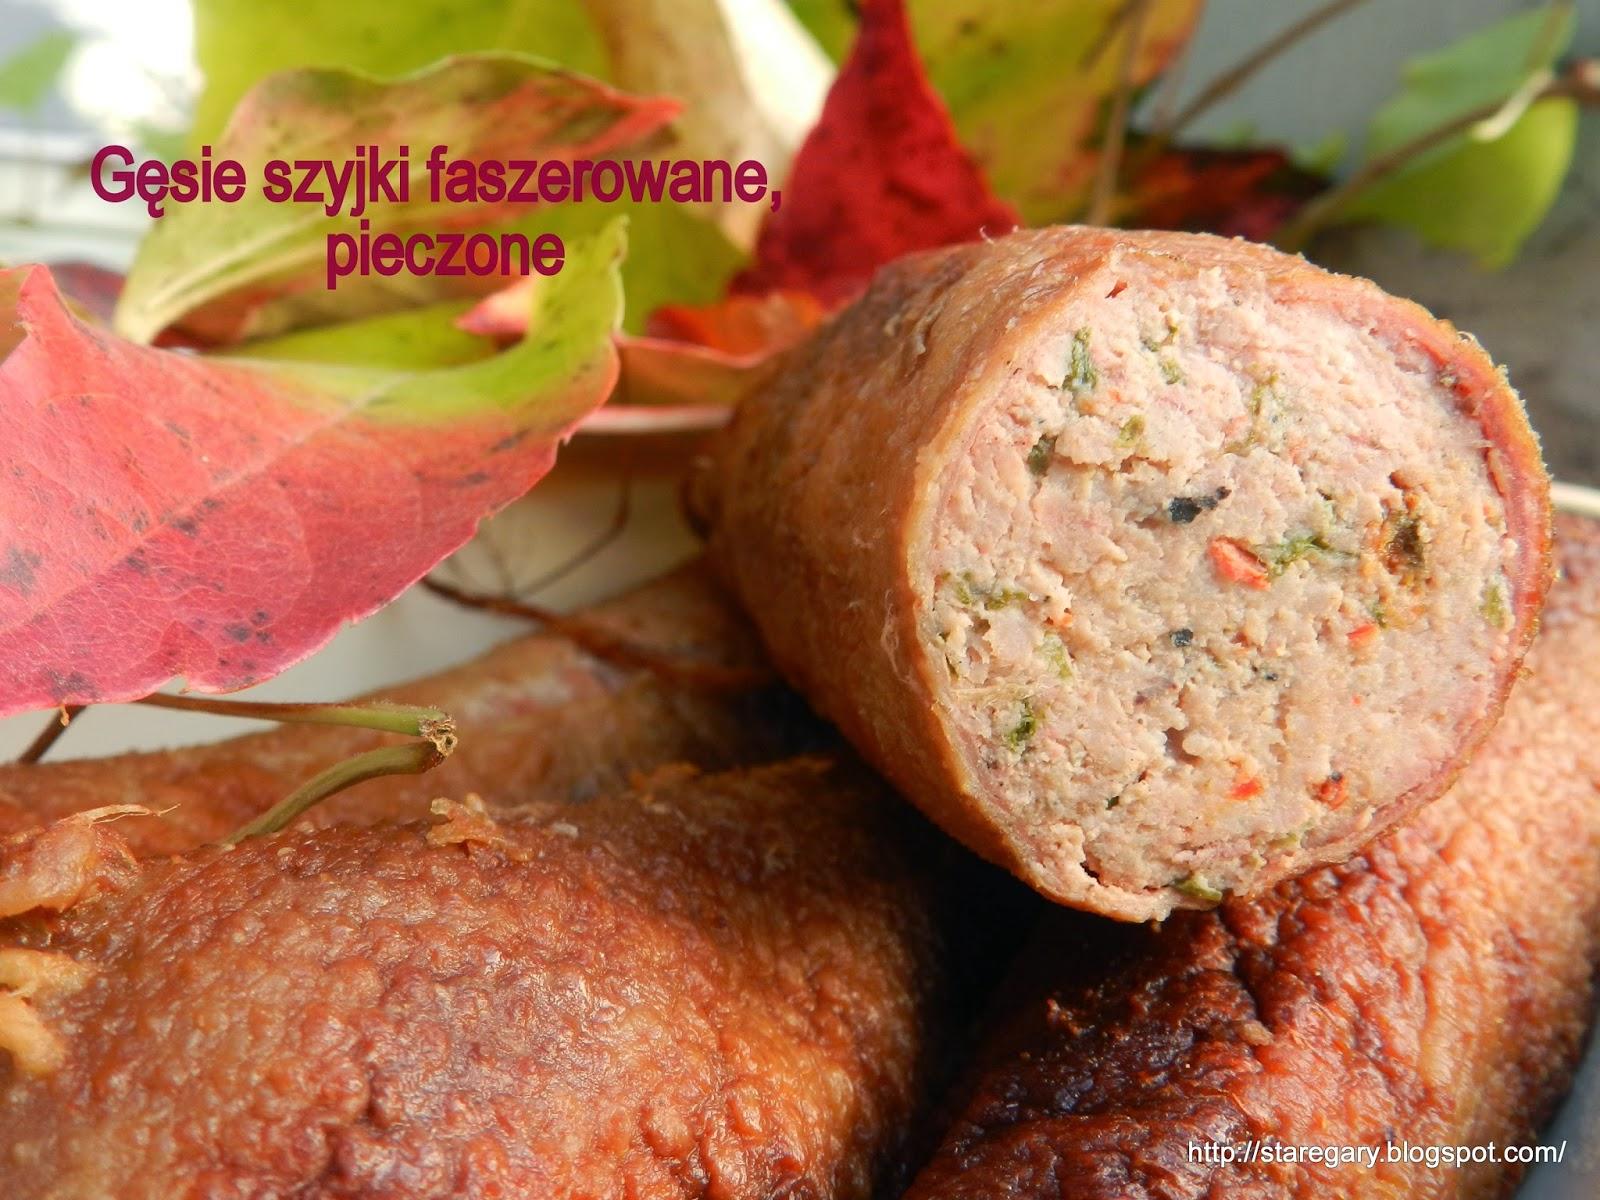 Gęsie szyjki faszerowane, pieczone